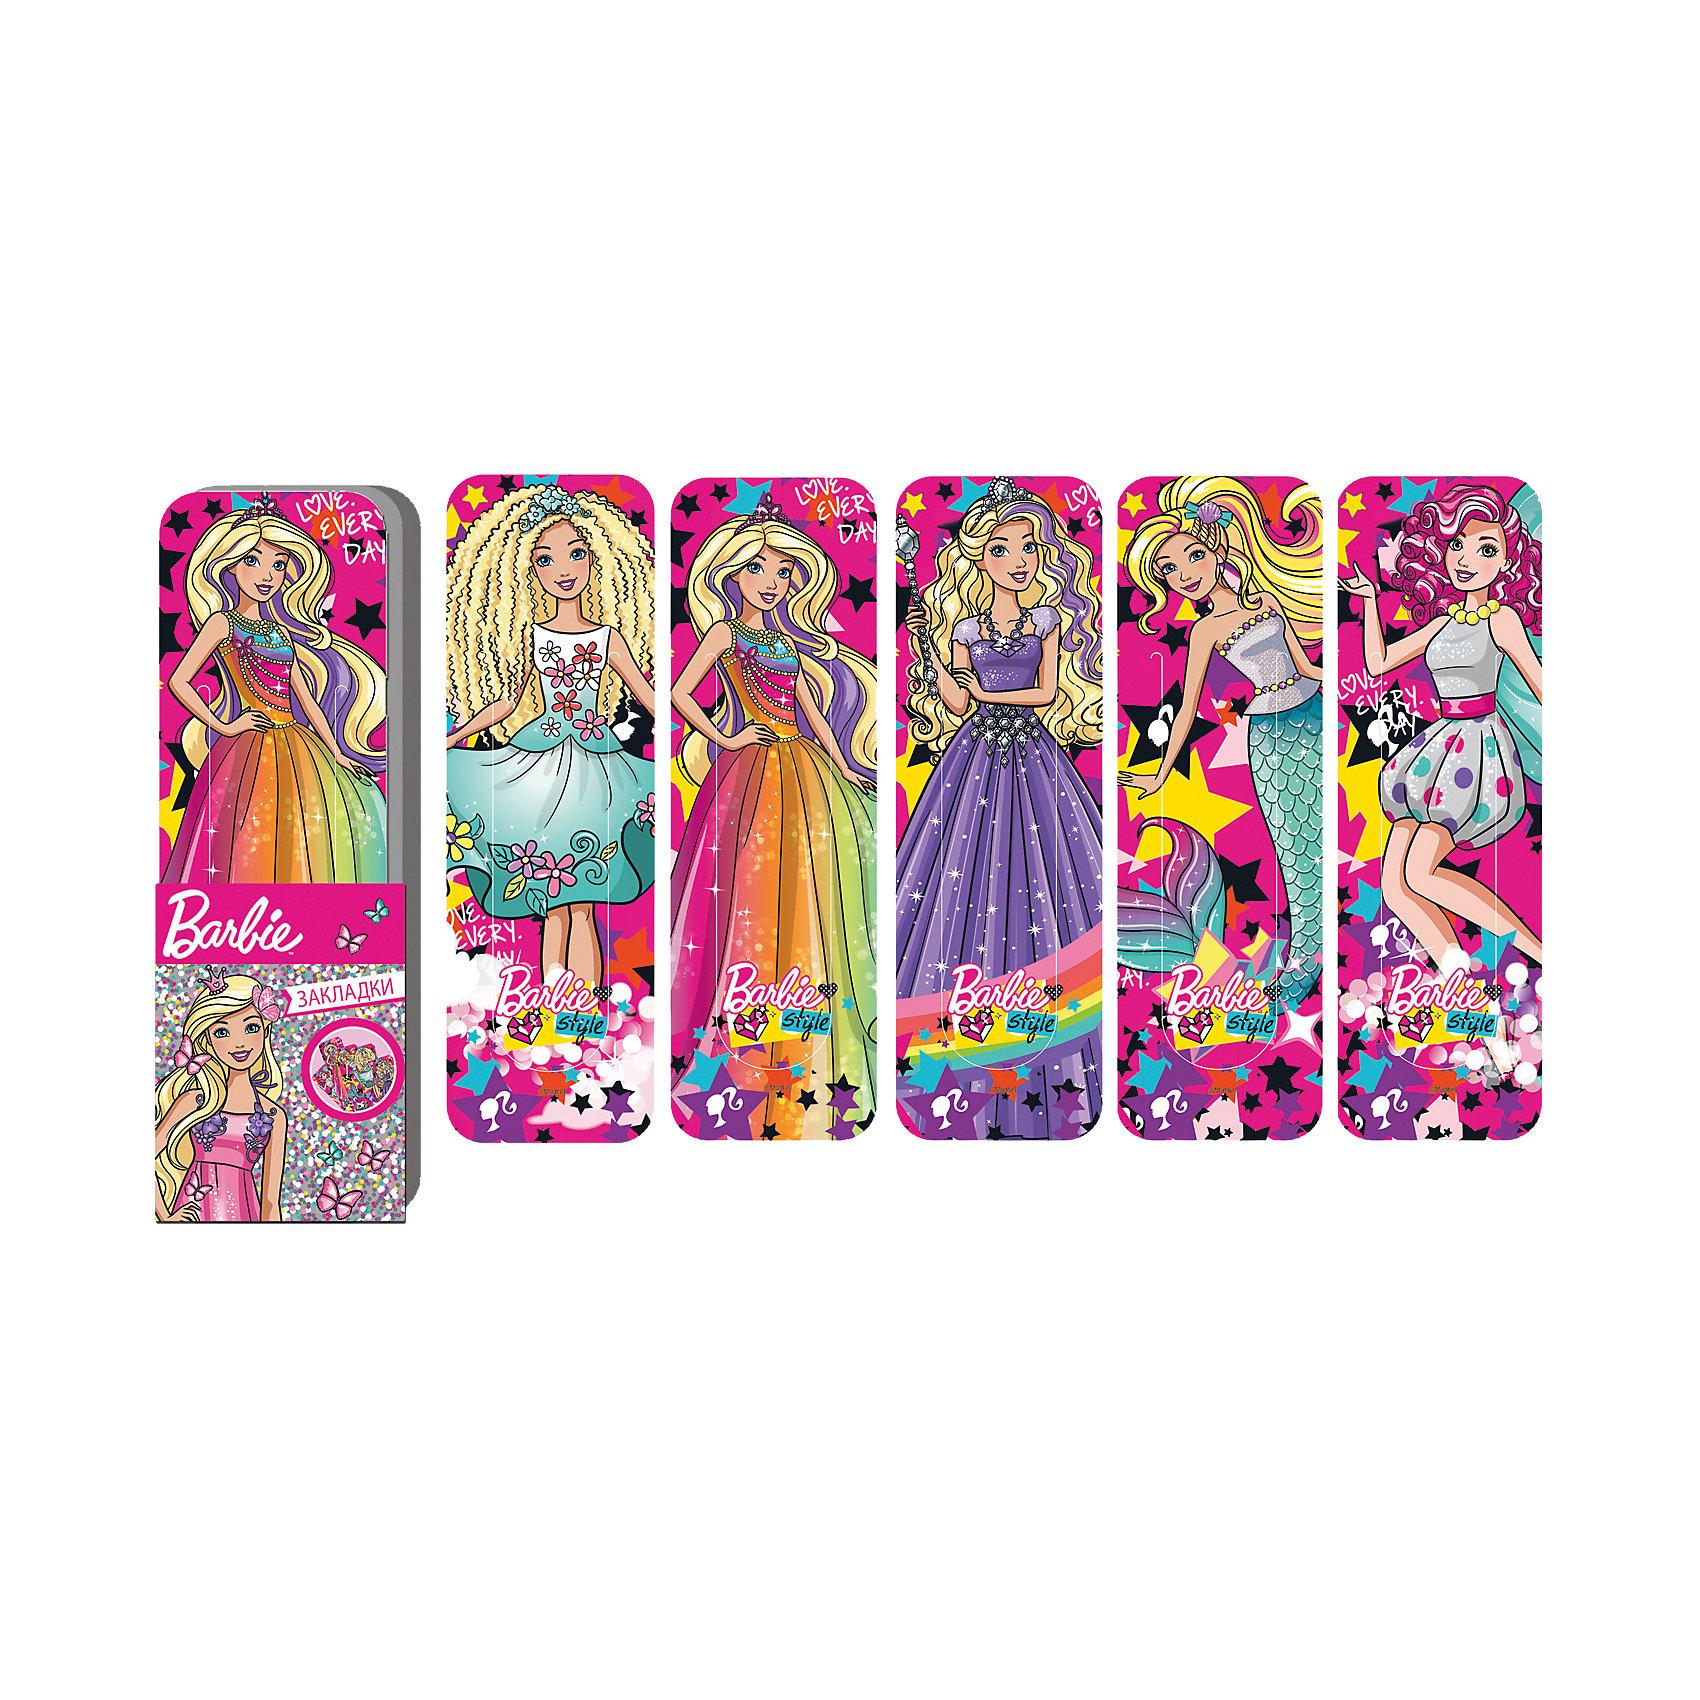 Набор закладок фигурных Barbie, 5 шт., LimpopoФотоальбомы, закладки и ростомеры<br>Набор из 5 пластиковых закладок. Резная интересная форма закладок. Есть дополнительный фиксатор страницы. Верхнюю часть закладки ( сам дизайн) всегда видно.<br><br>Ширина мм: 190<br>Глубина мм: 600<br>Высота мм: 300<br>Вес г: 18<br>Возраст от месяцев: 36<br>Возраст до месяцев: 168<br>Пол: Женский<br>Возраст: Детский<br>SKU: 5528380